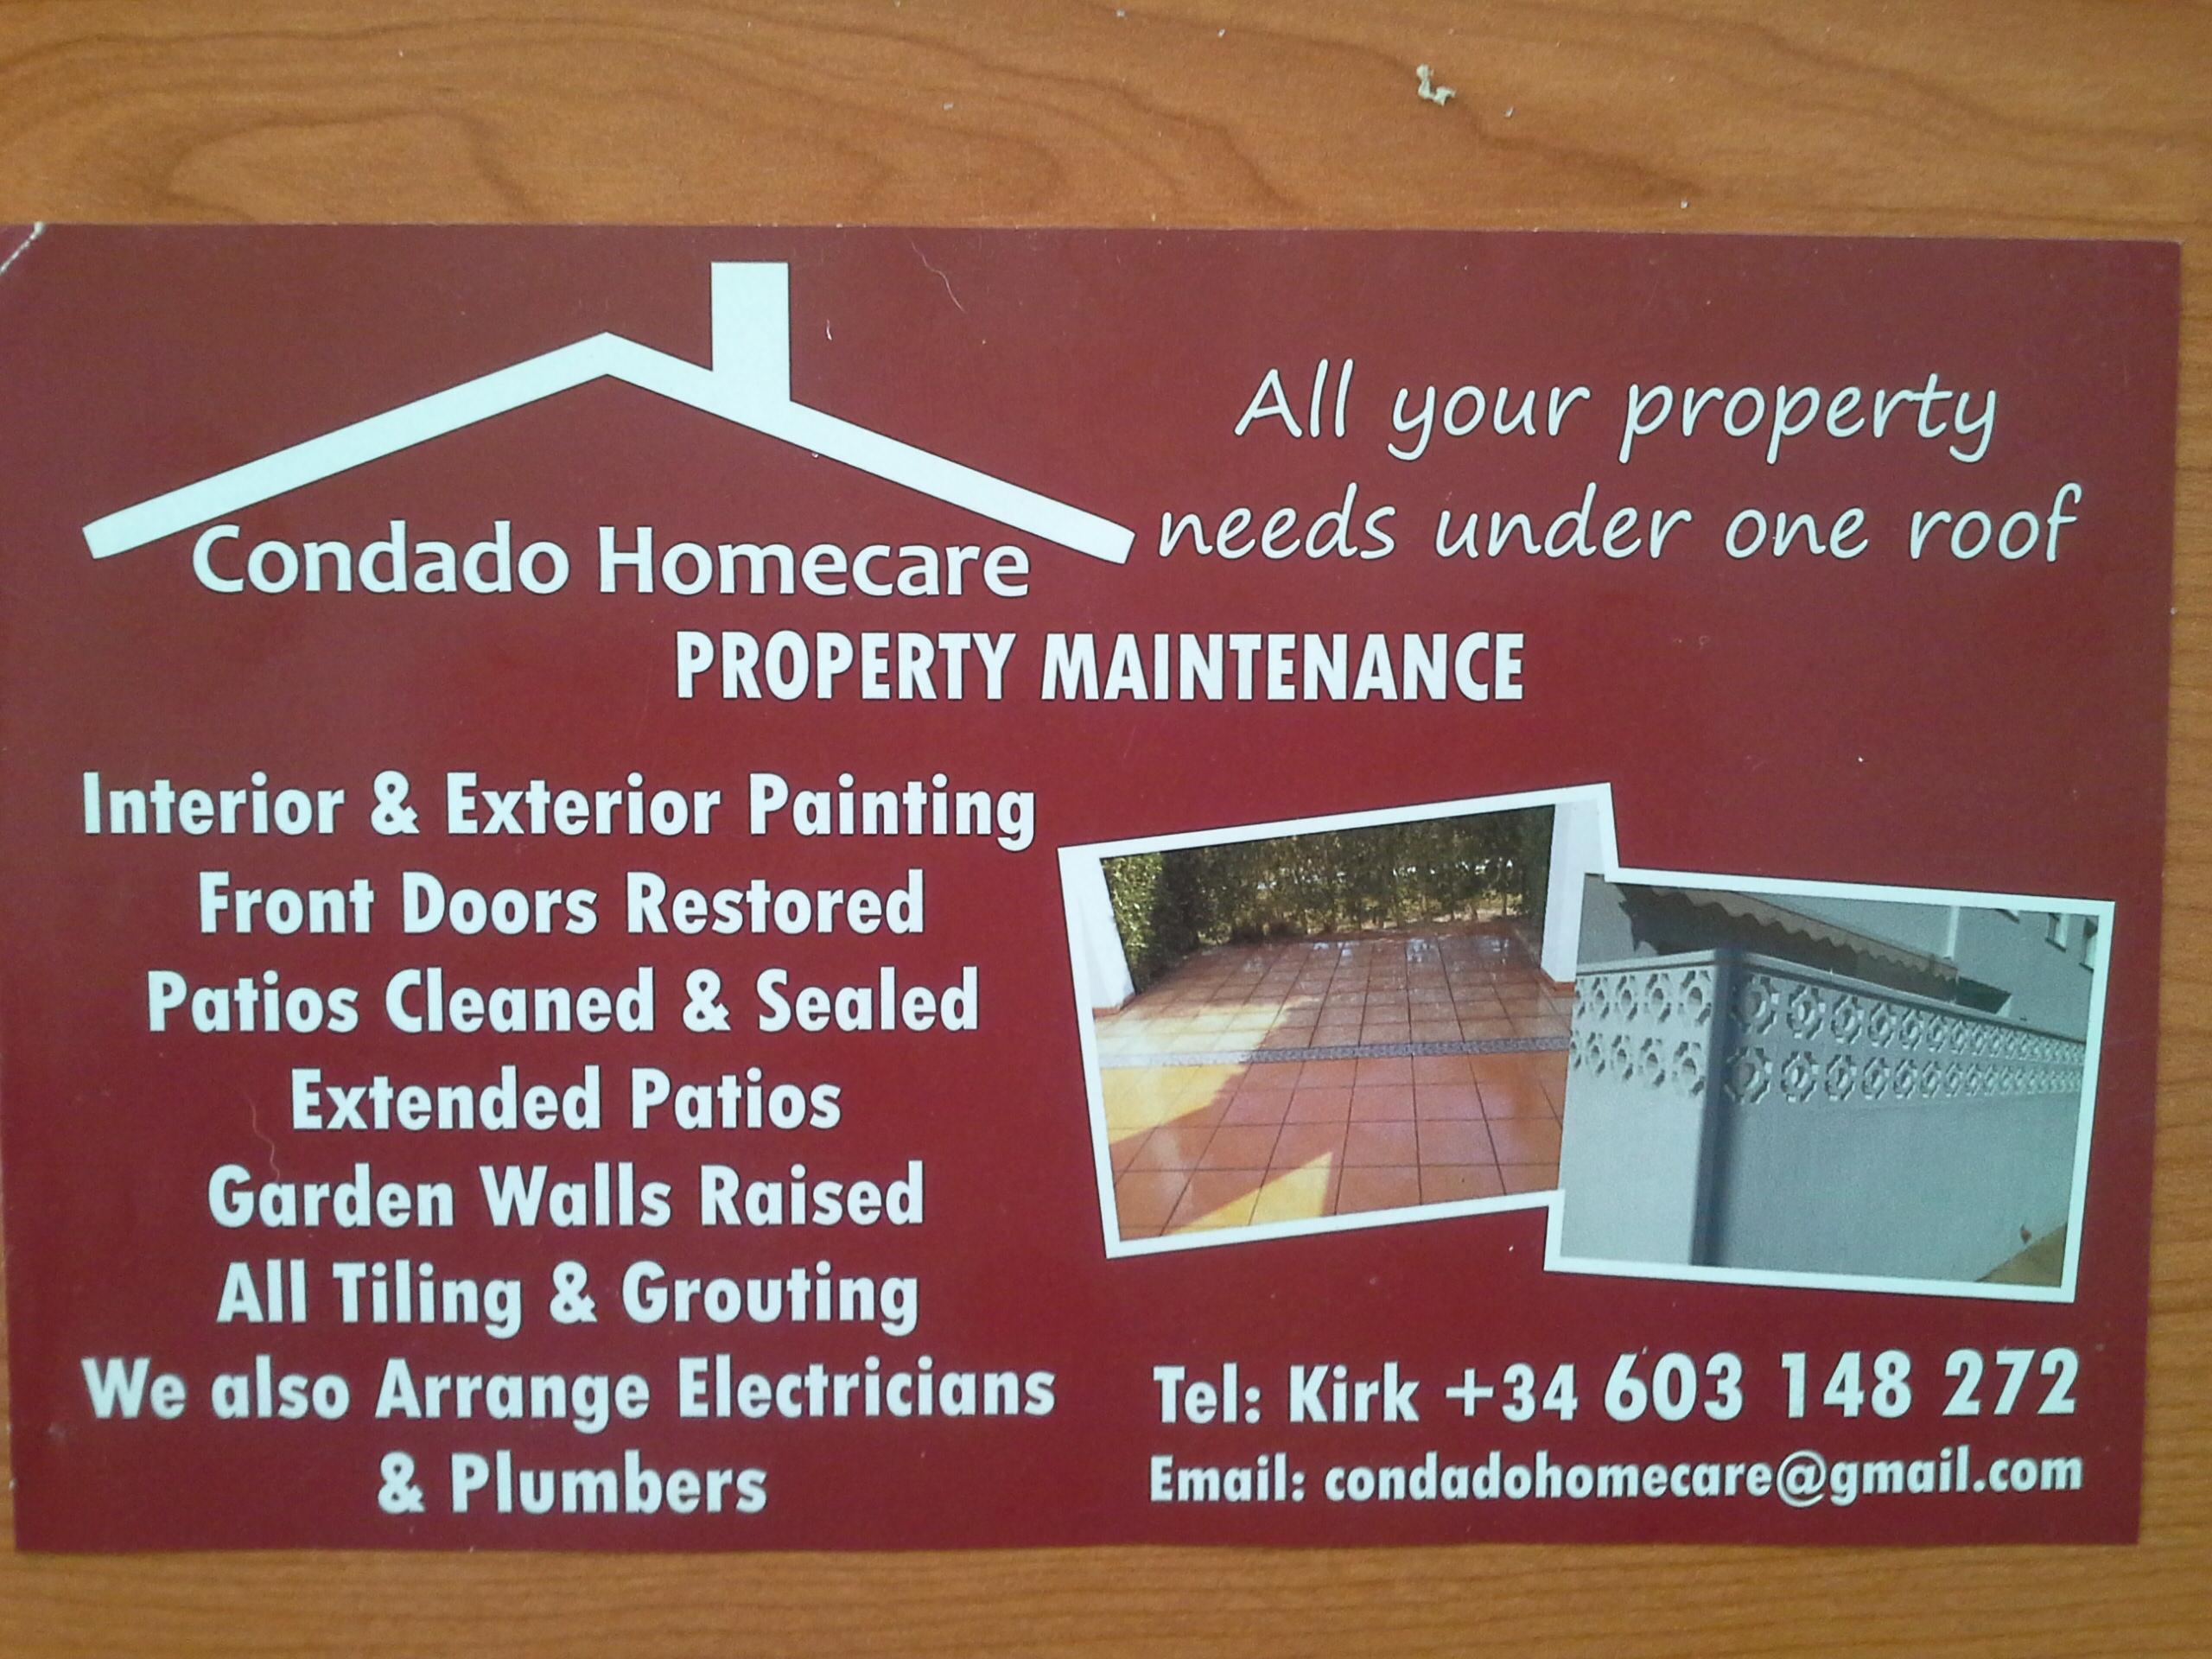 Condado Homecare Property Maintenance